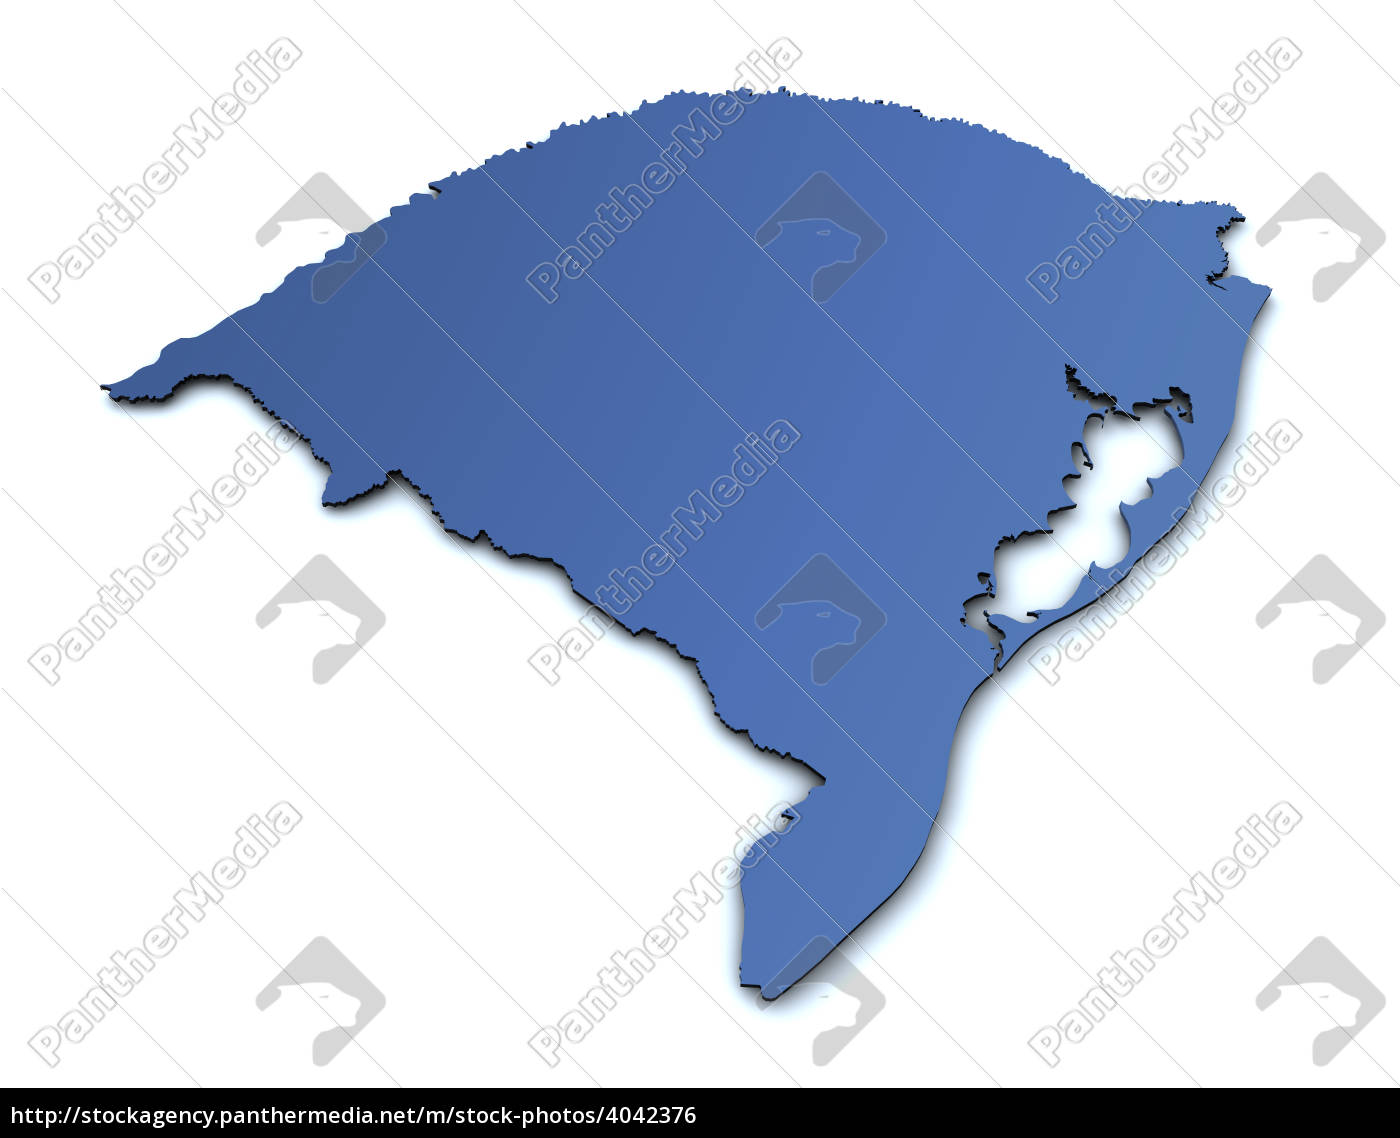 Lizenzfreies Foto 4042376 - Karte von Rio Grande do Sul Brasilien